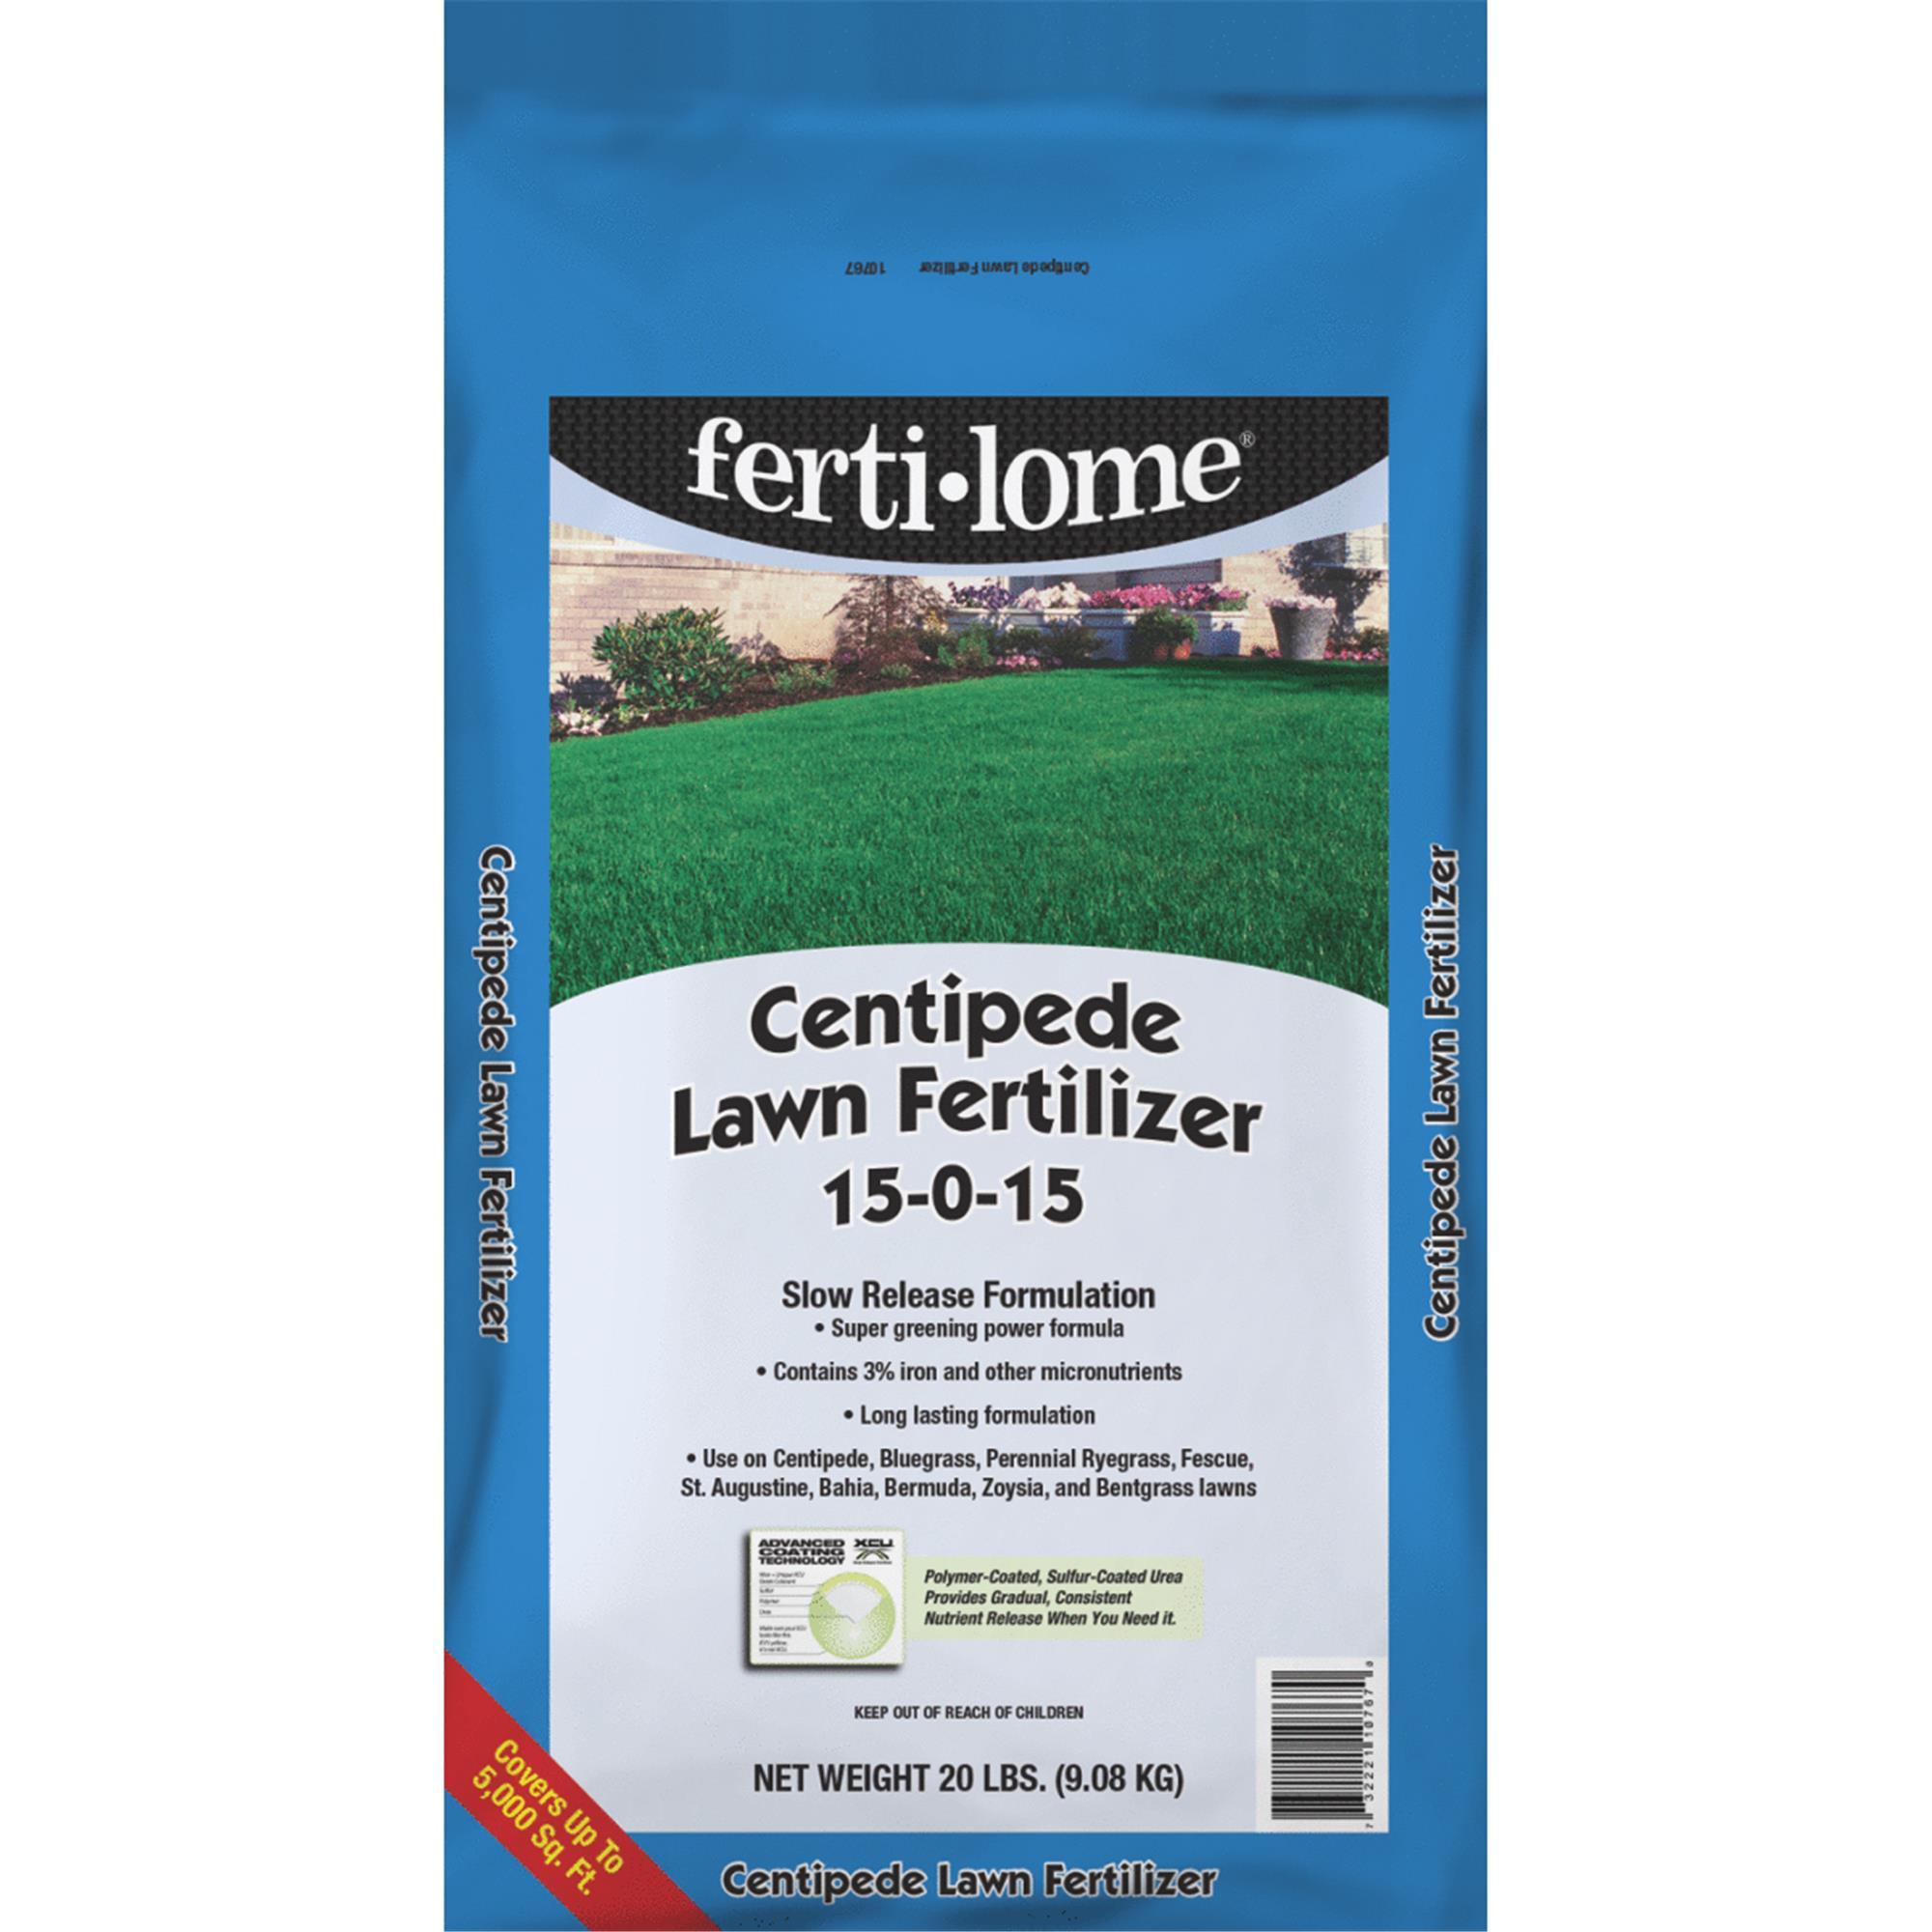 Ferti-lome Centipede Lawn Fertilizer